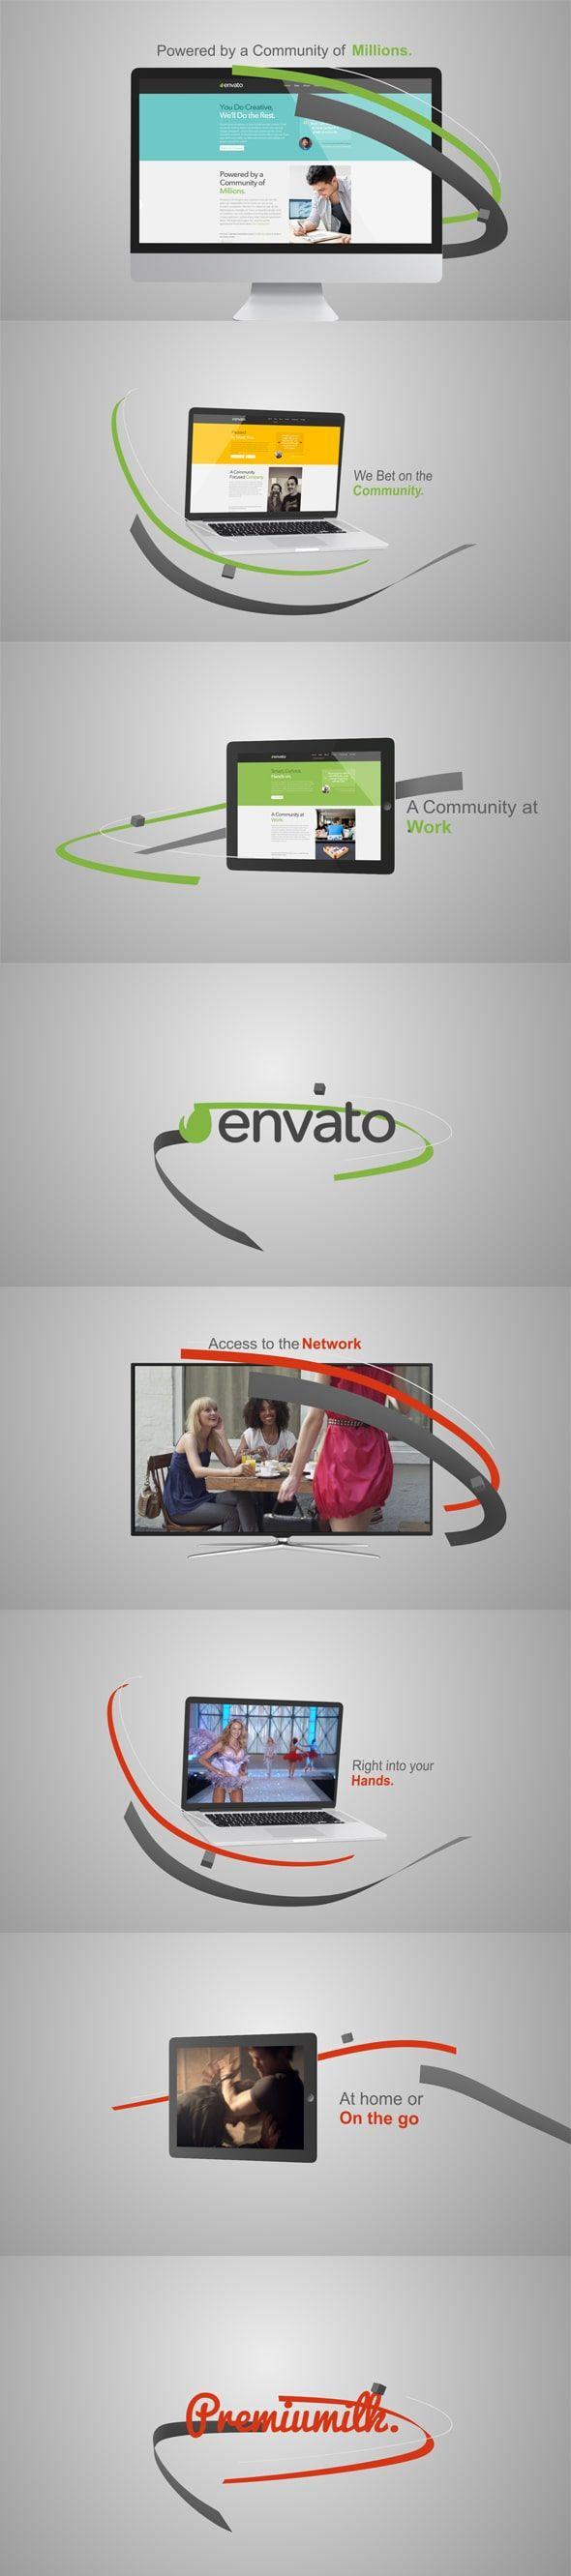 دانلود فايل پروژه افترافکت تیزر تبلیغاتی برودکست وب videohive: Web Broadcast Promo